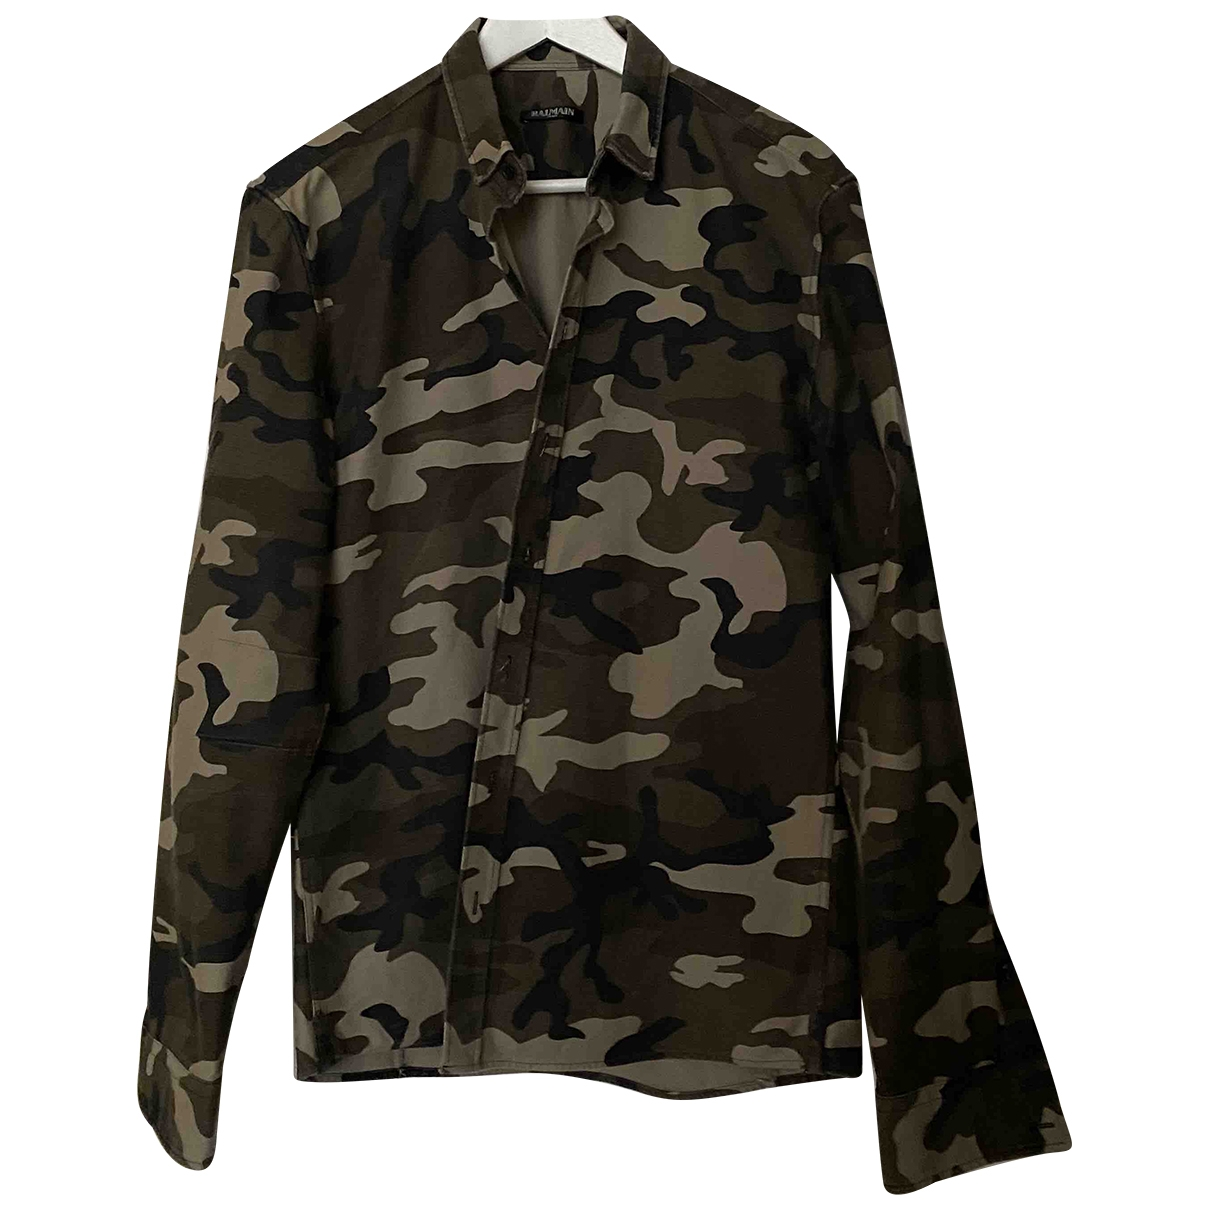 Balmain \N Khaki Cotton Shirts for Men 40 EU (tour de cou / collar)